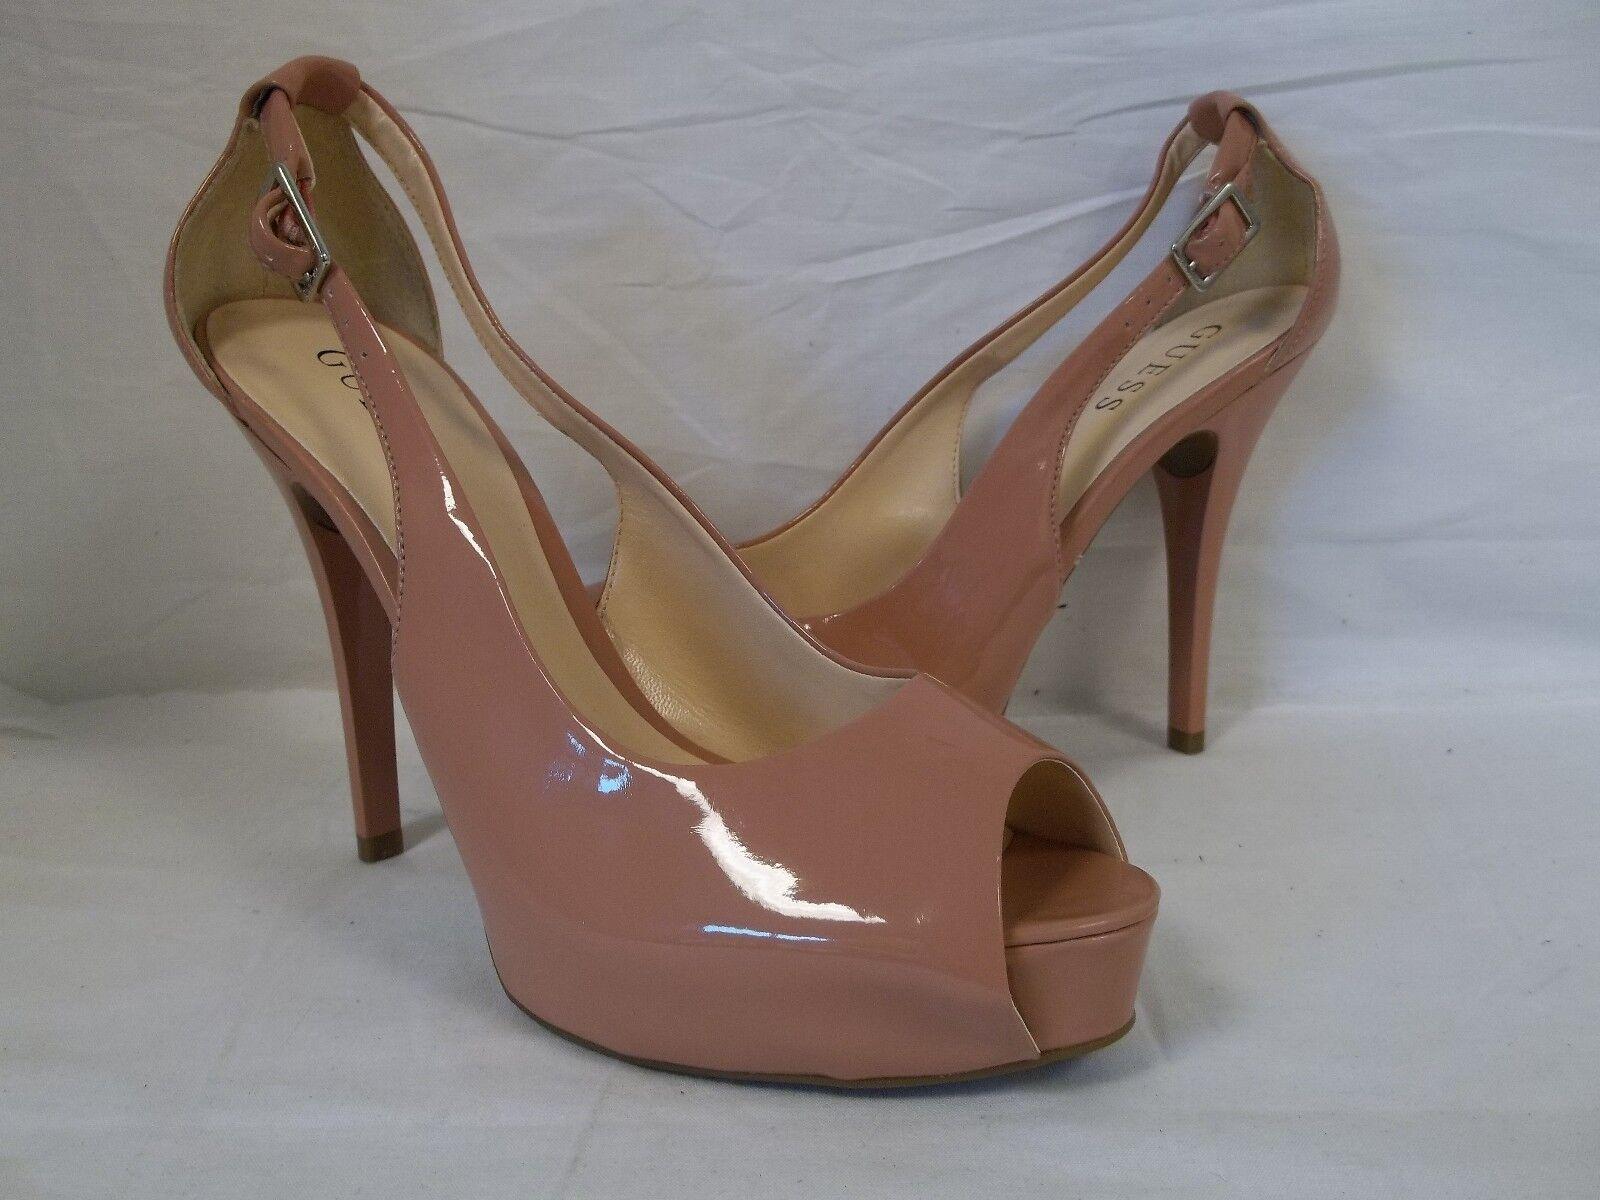 Guess Größe 8.5 Hondo Pale Pink Open Toe Heels NEU Damenschuhe Schuhes NWOB